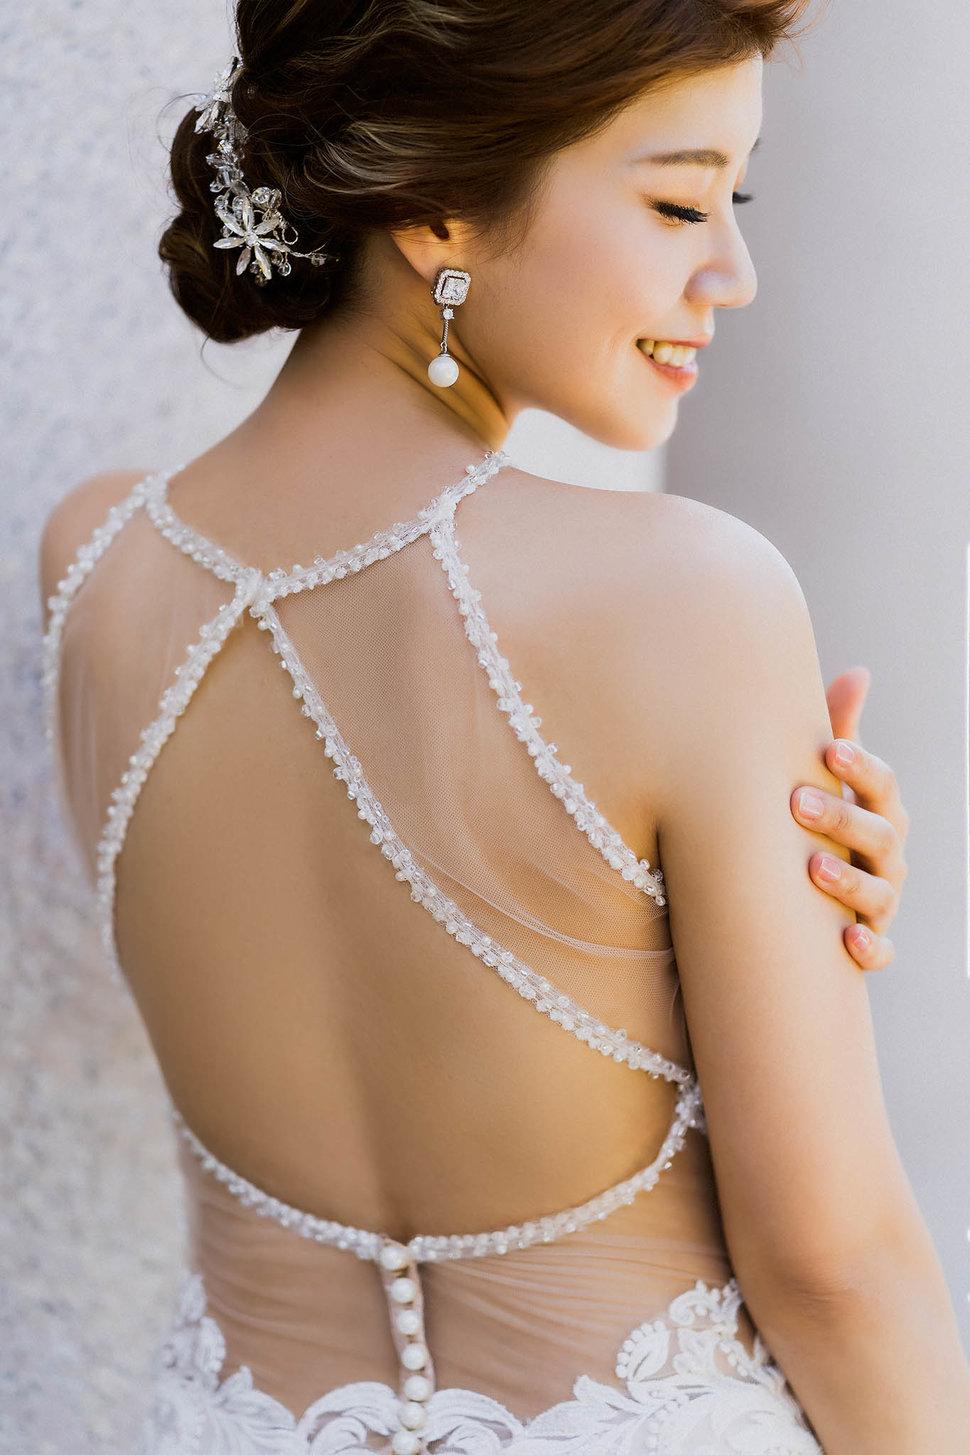 _DB_6650 - Vivi's Studio 新娘秘書《結婚吧》